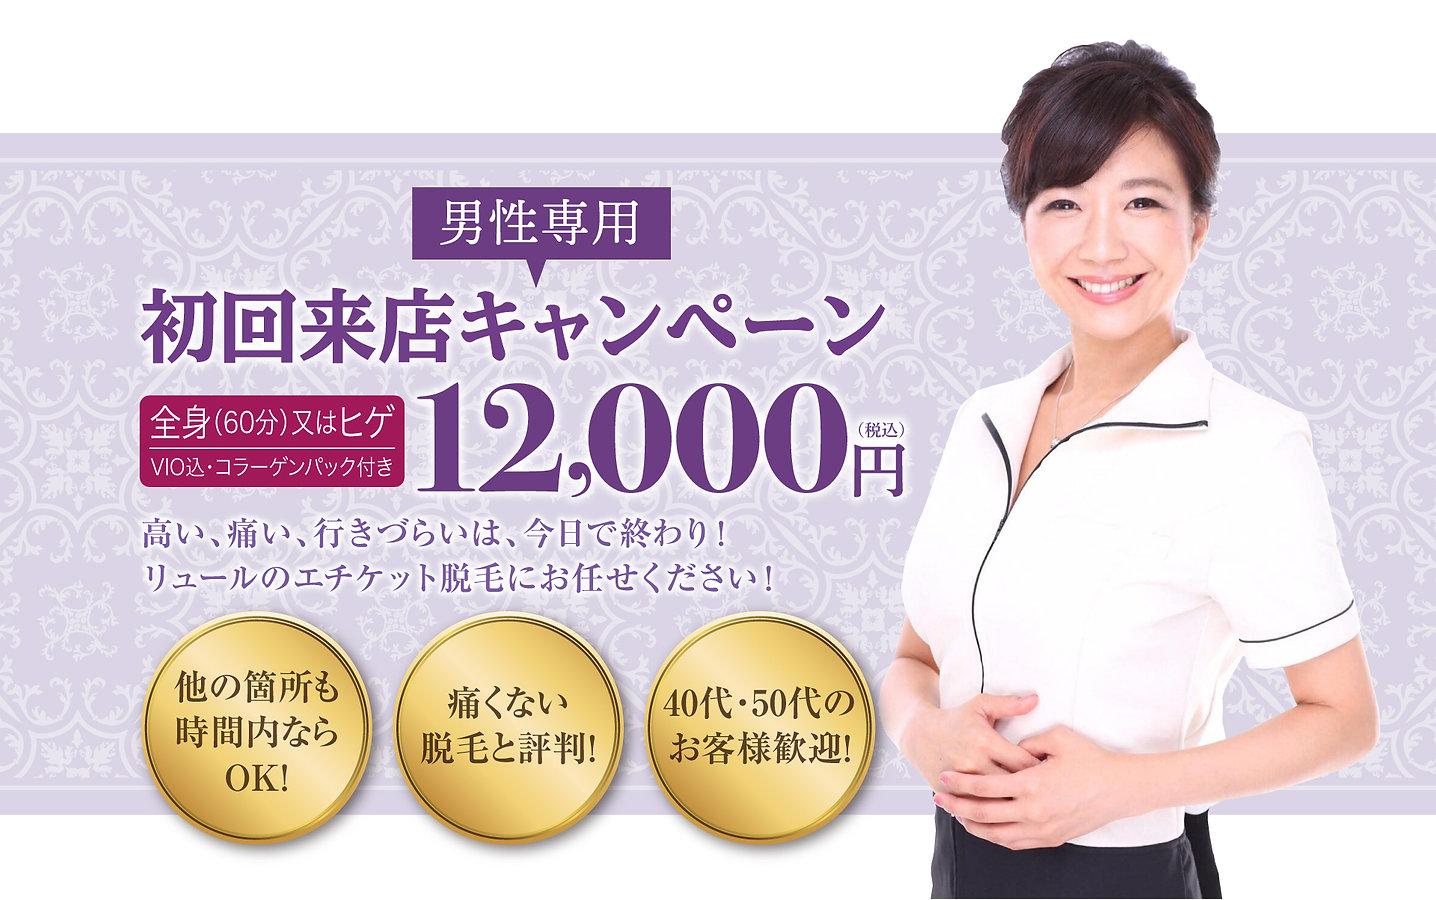 男性専用 初回来店キャンペーン 全身又はhヒゲ12000円